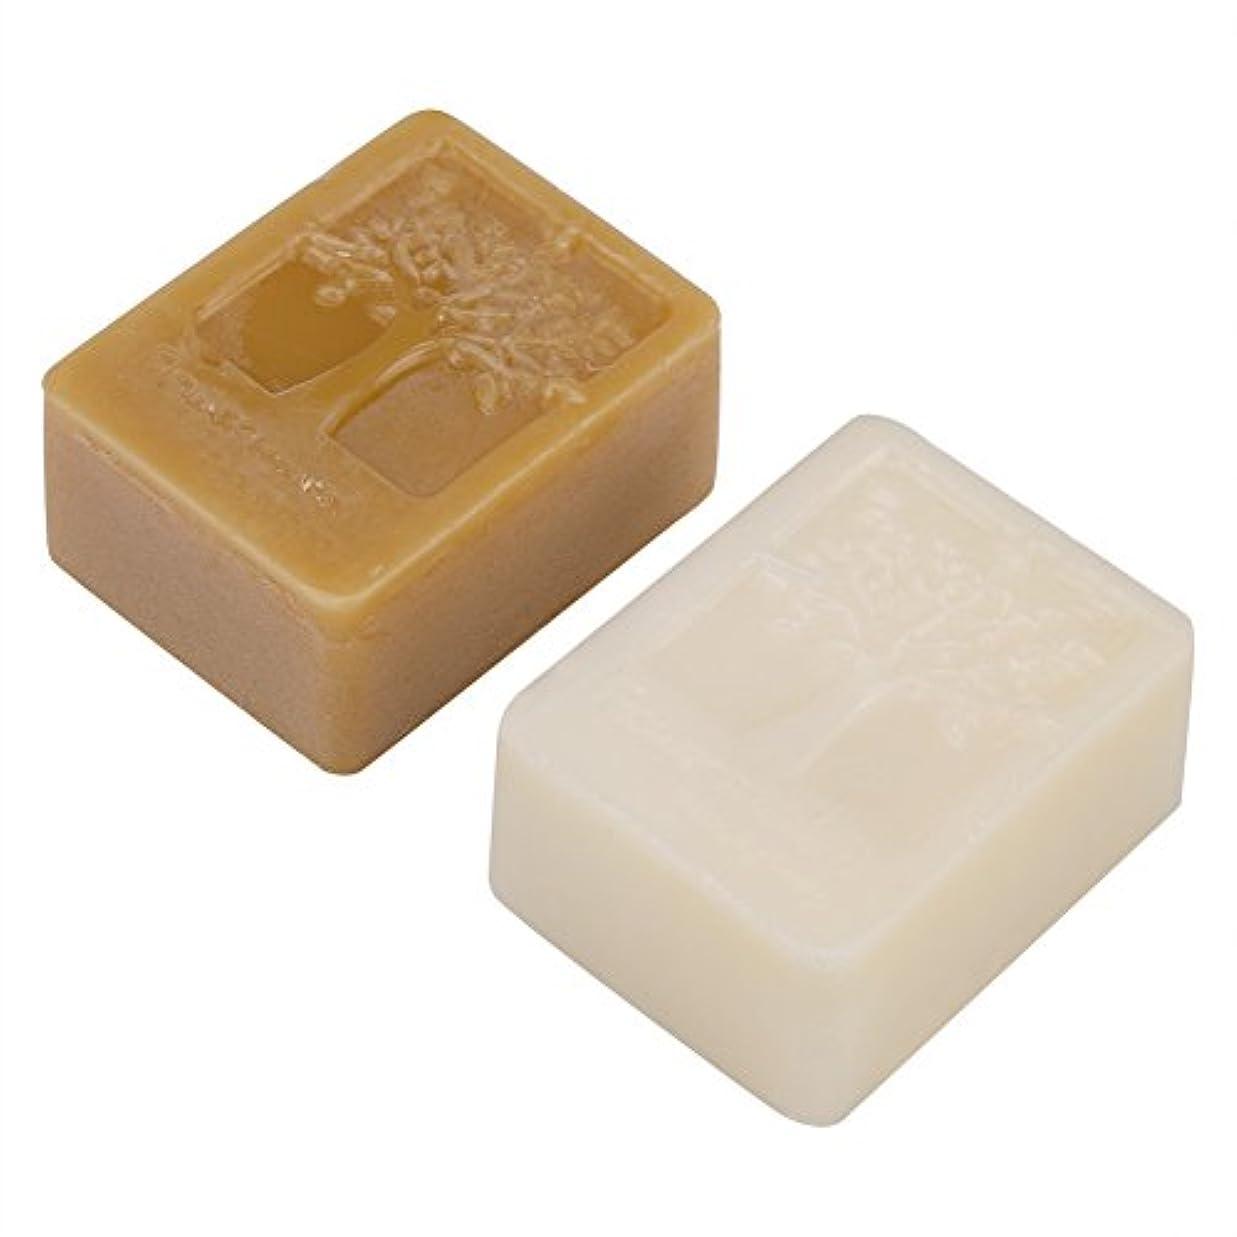 前置詞不明瞭安価な純粋な100g / 3.5oz白い蜜蝋ブロック+ 100g / 3.5oz黄色の蜜蝋石鹸、食品等級